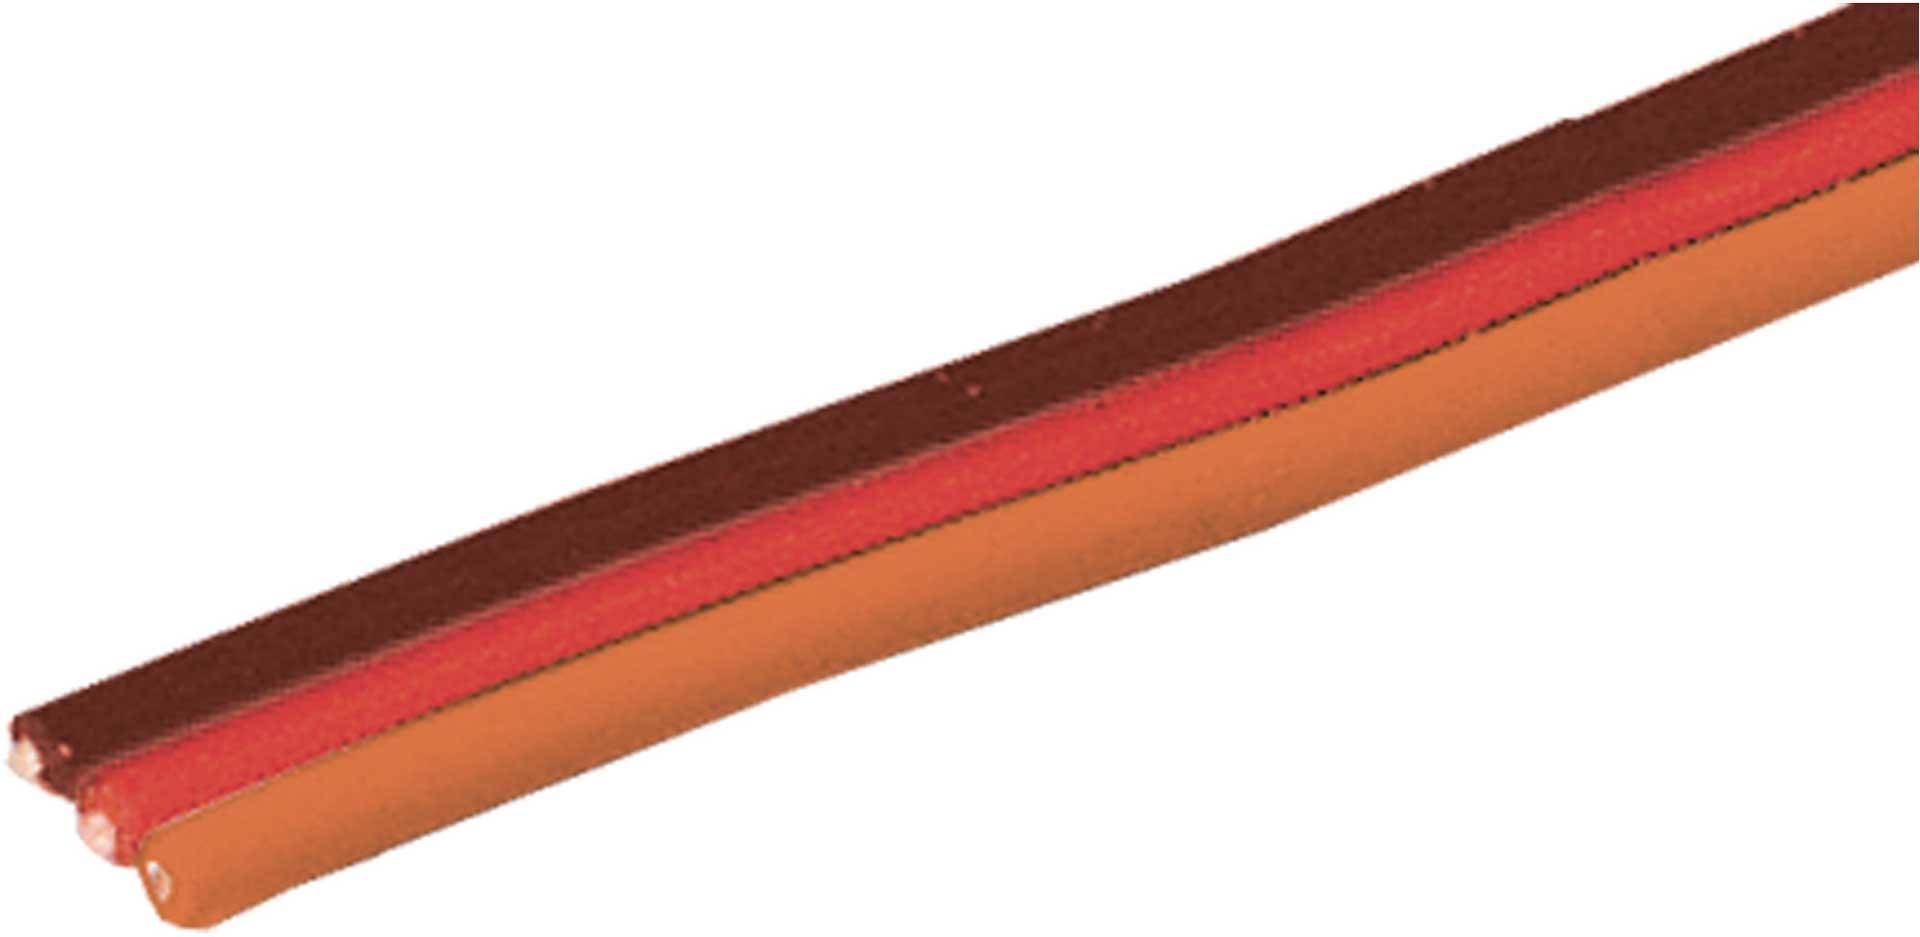 ROBBE Servokabel Graupner/JR/Uni 5 Meter flach 0,33mm² (22AWG) PVC Meterware